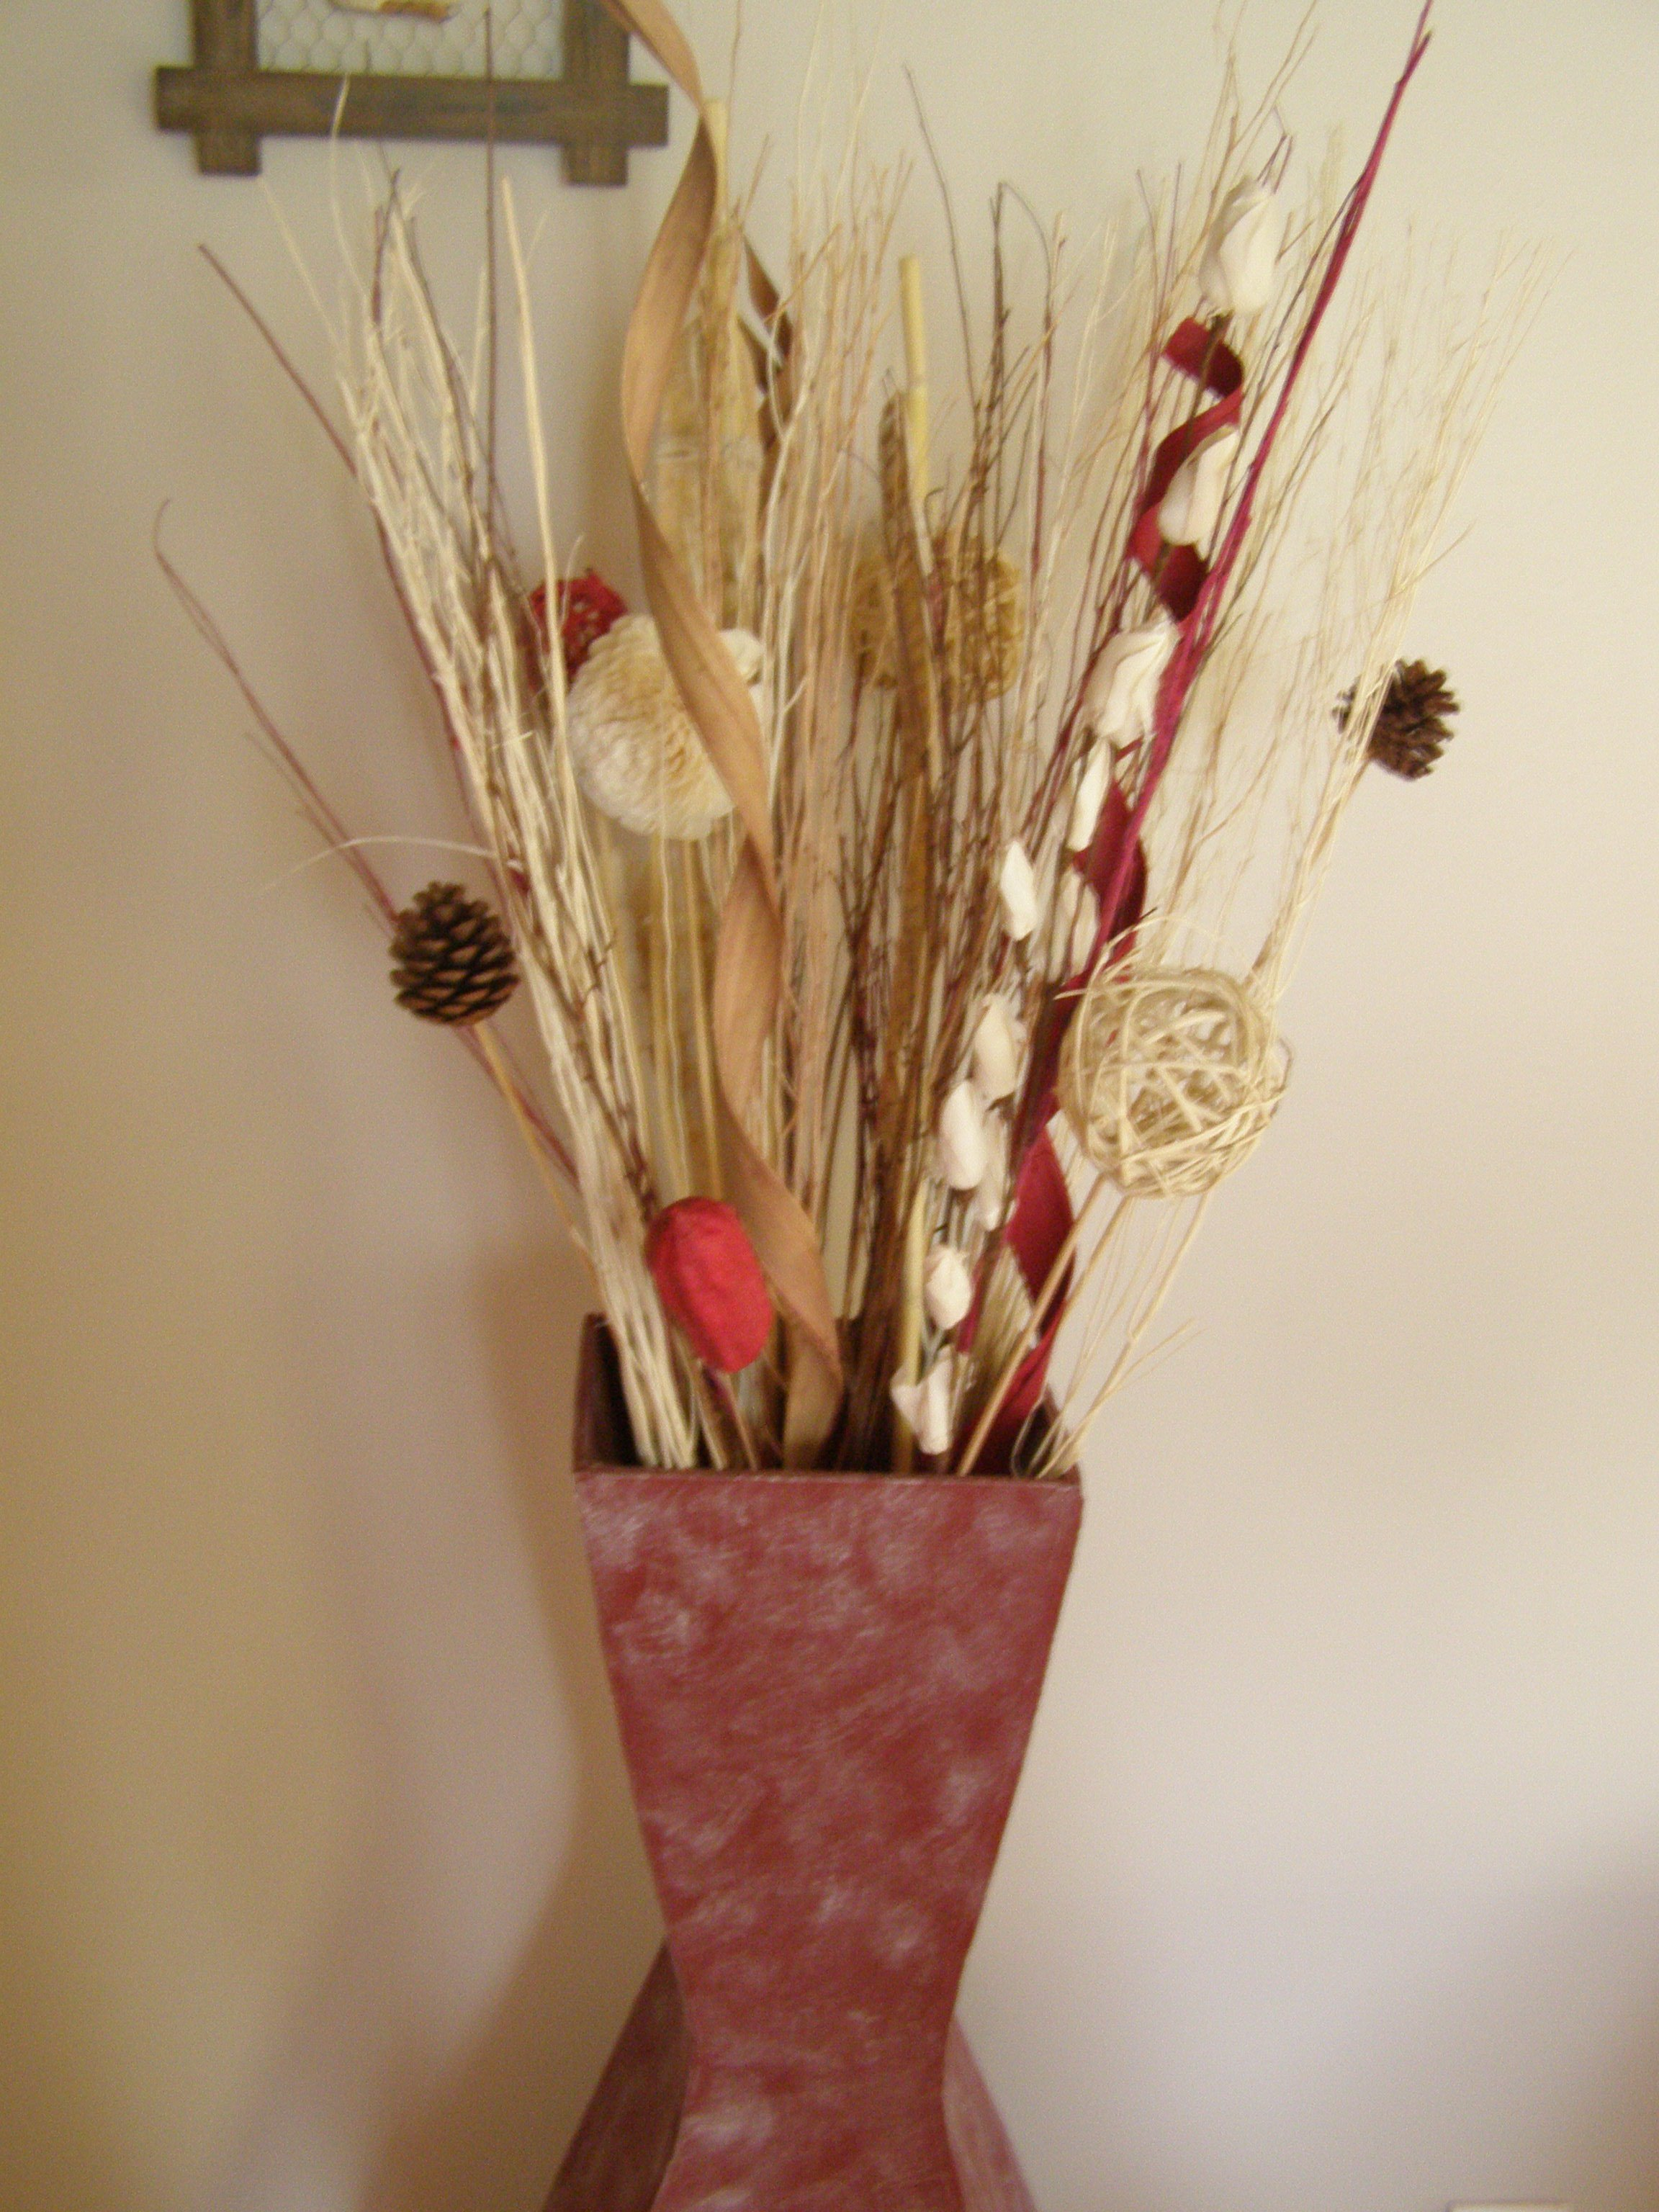 Le grand vase la d co de sucrette for Deco quoi mettre dans un grand vase